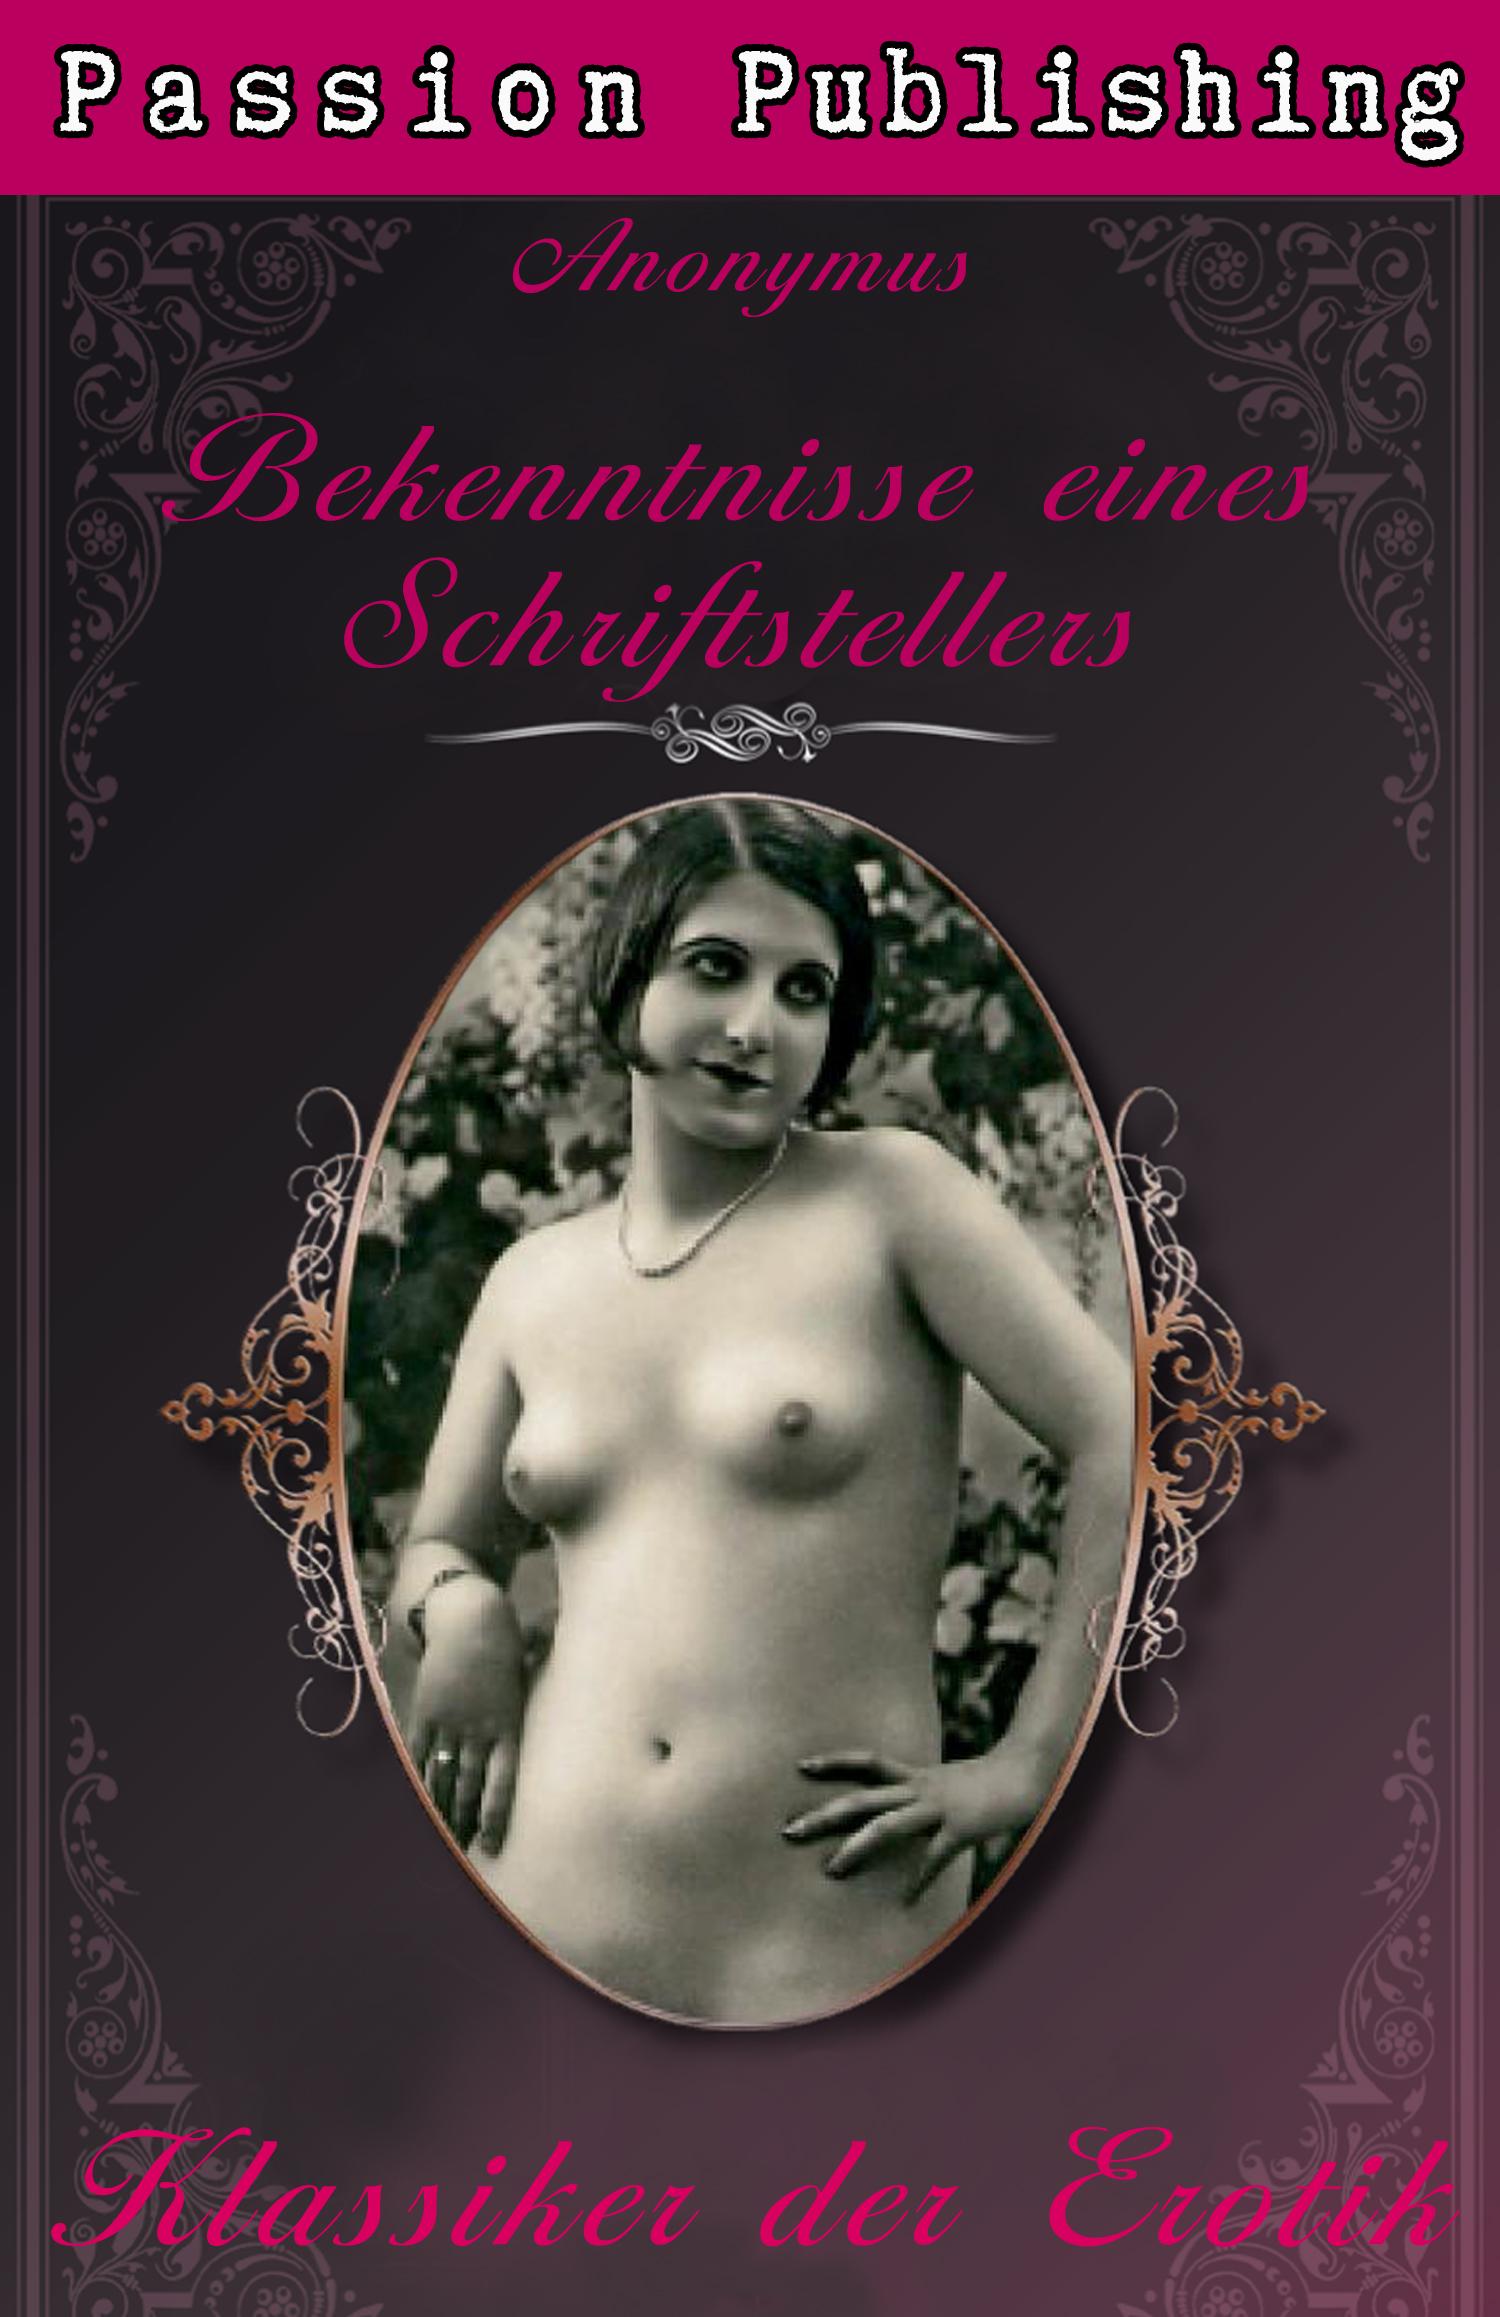 Anonymus Klassiker der Erotik 17: Bekenntnisse eines Schriftstellers